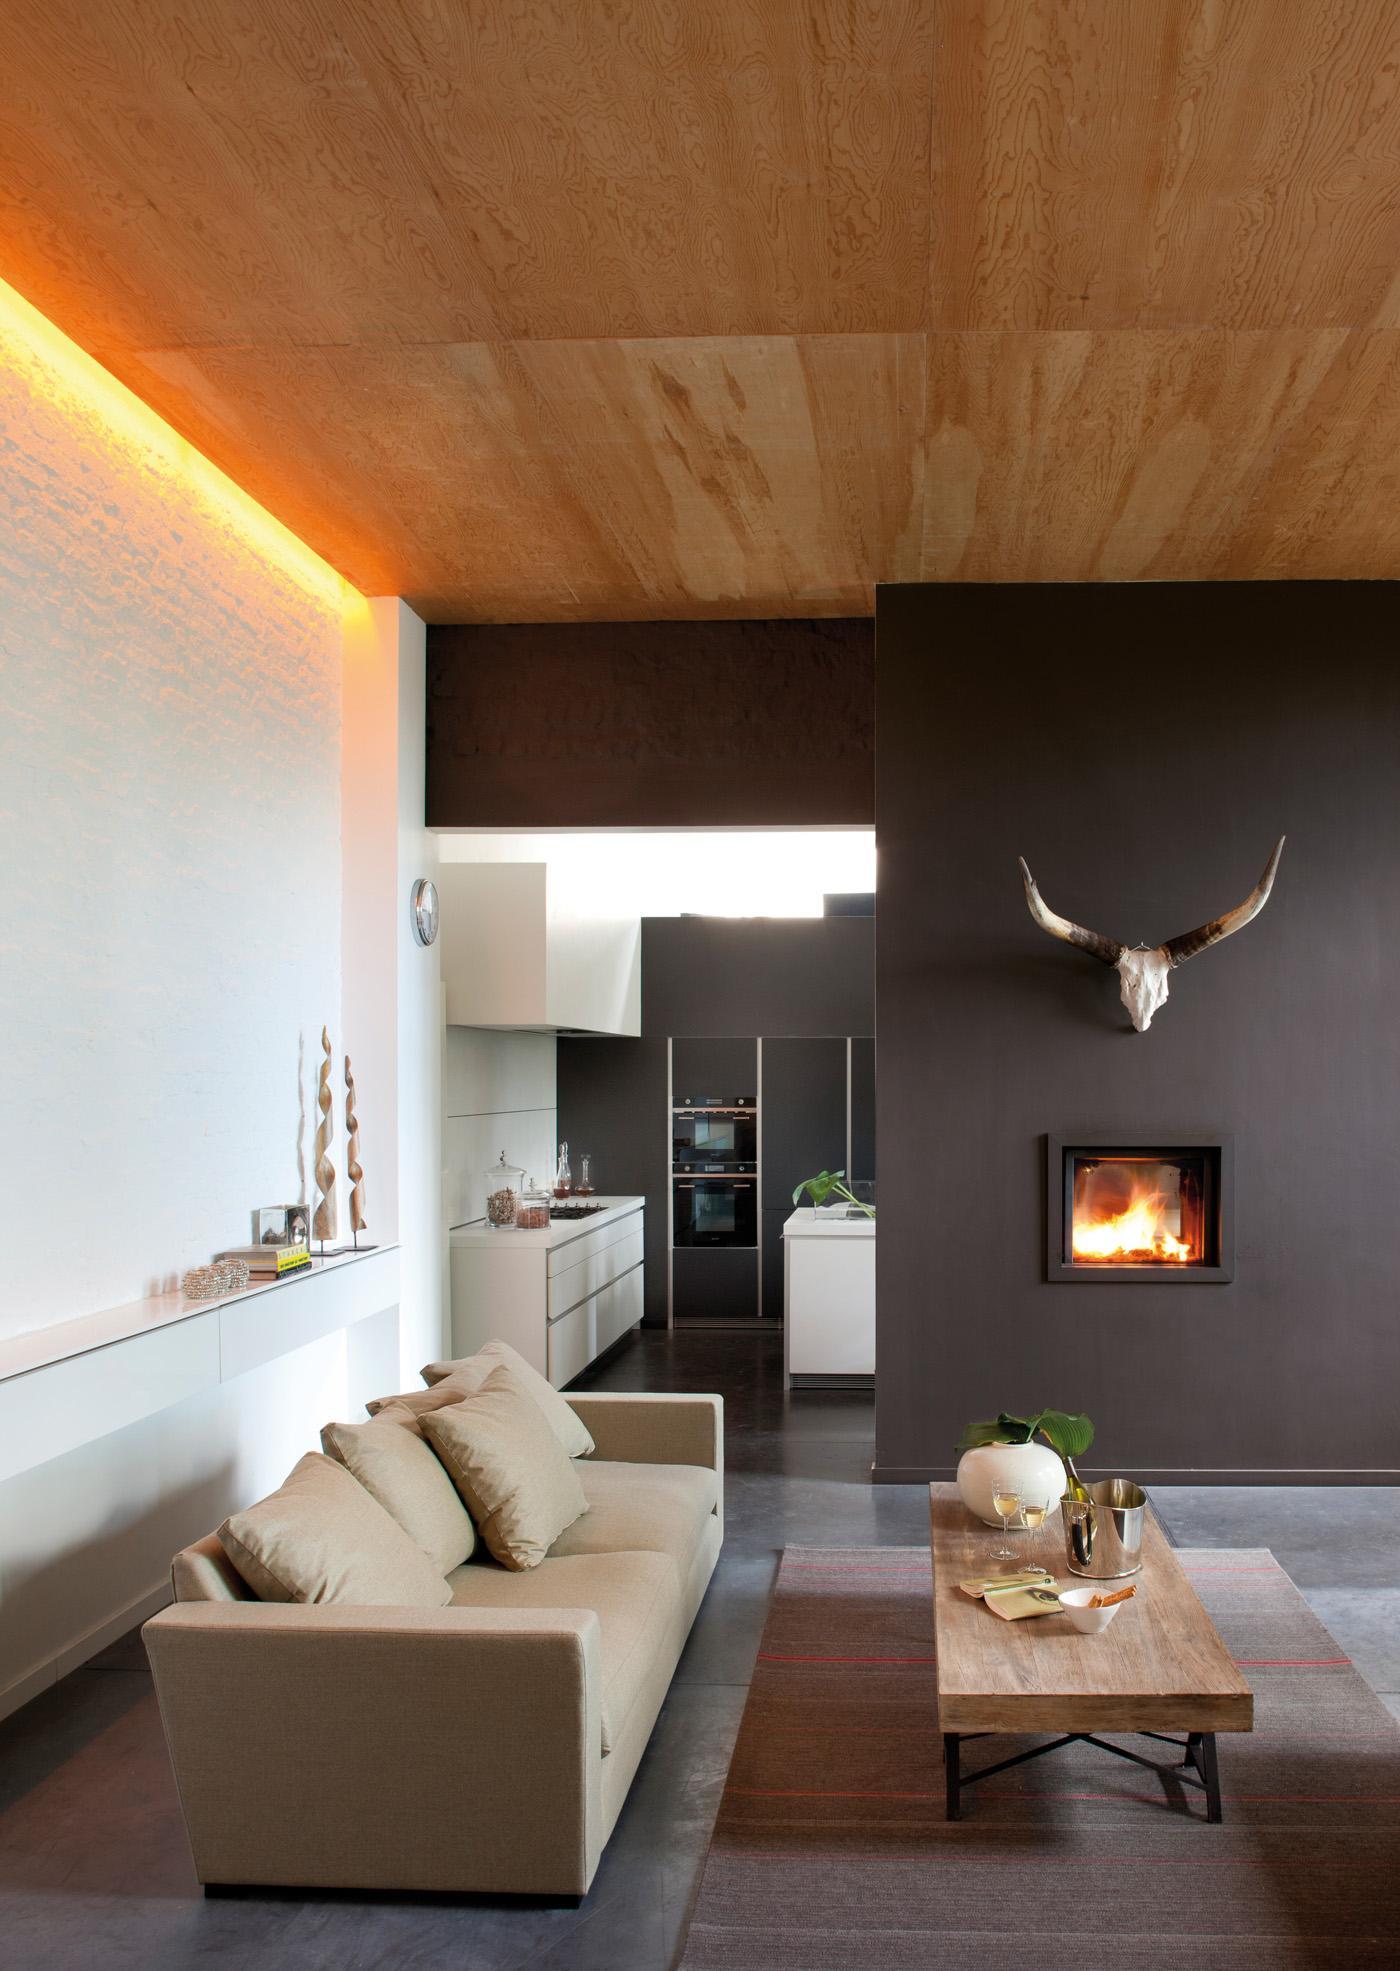 Natur wand im wohnzimmer  geweihe | ebay. uncategorized : geräumiges natur wand im ...